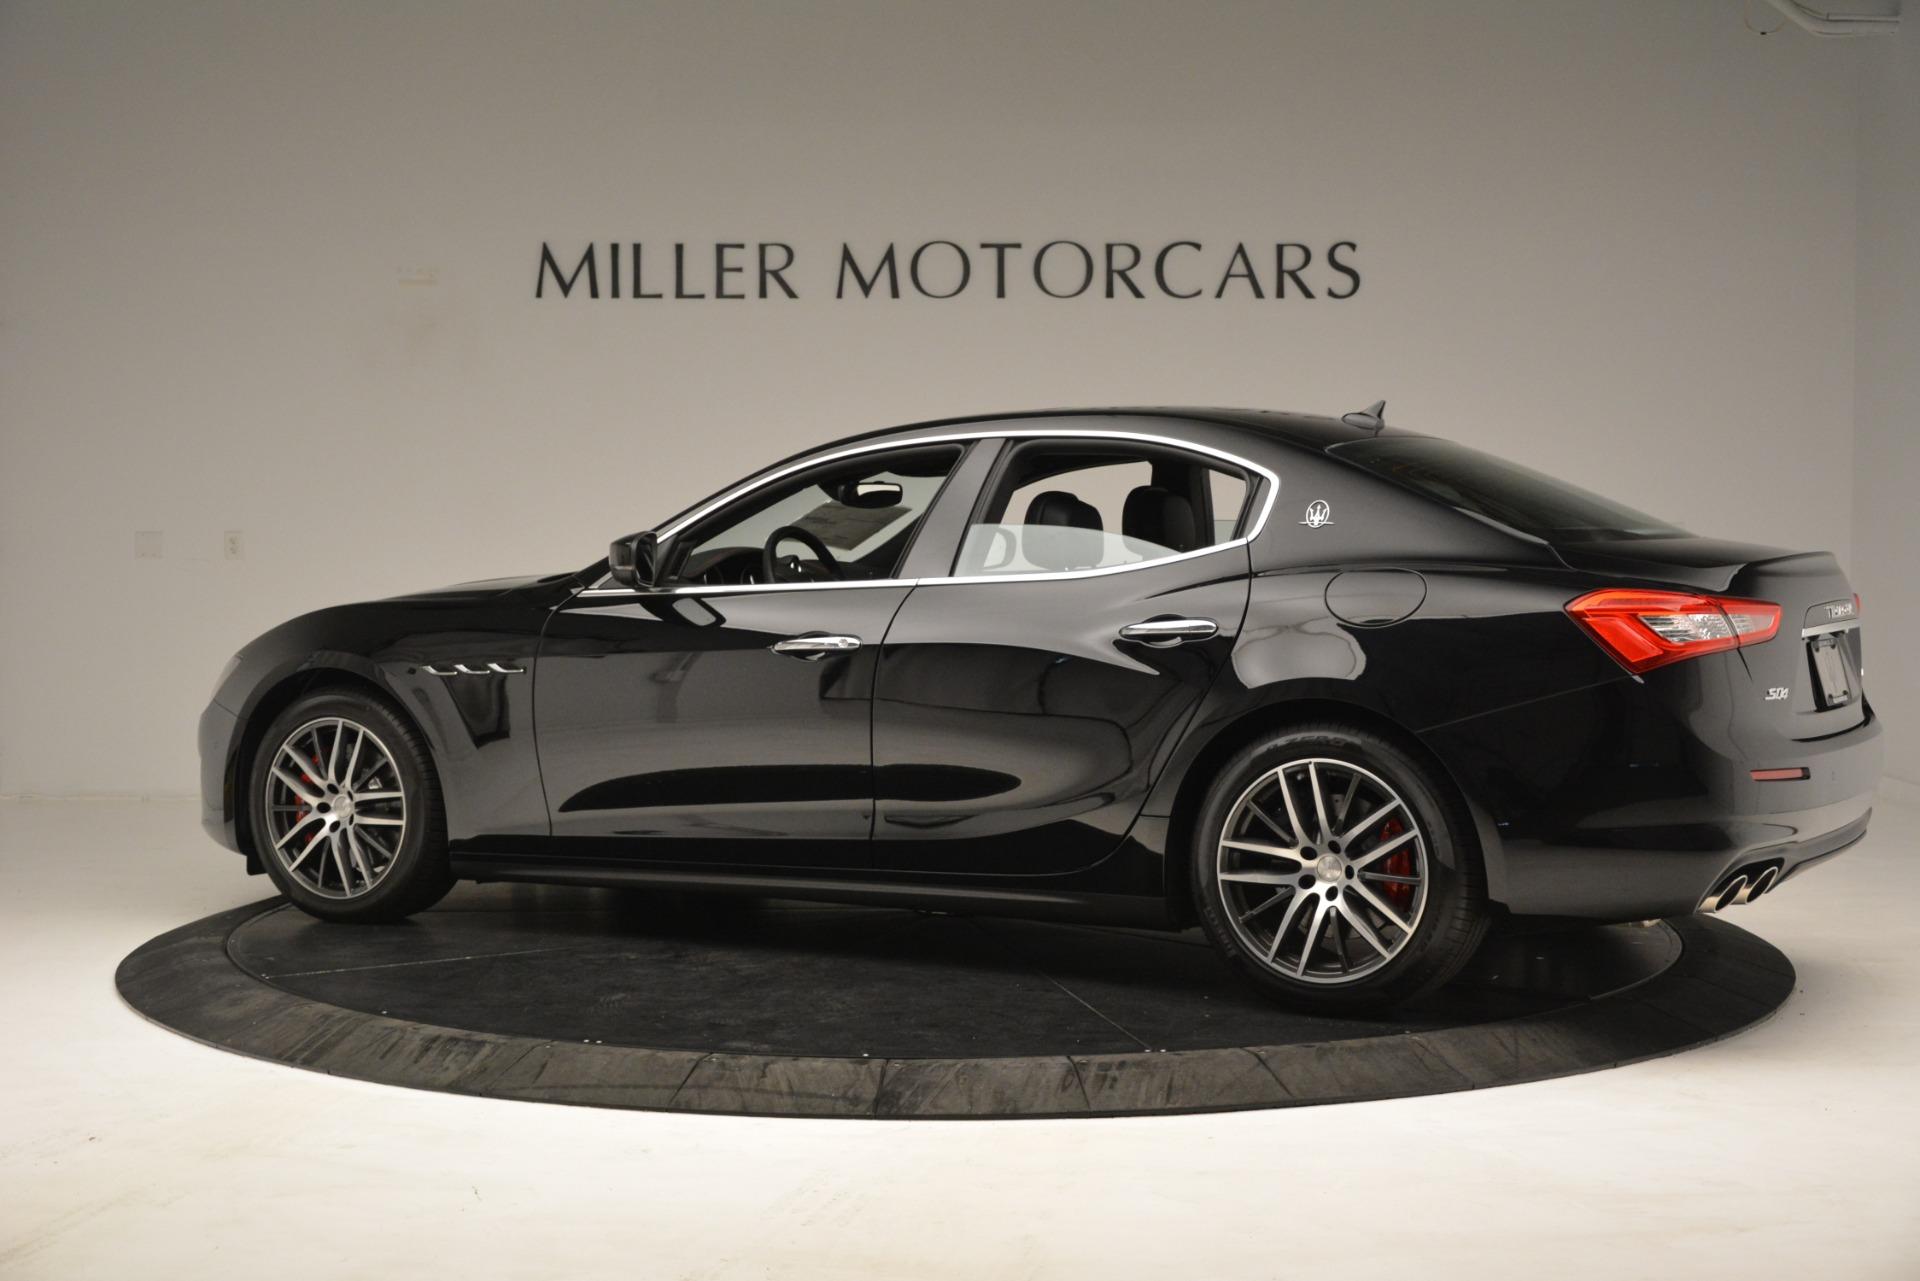 New 2019 Maserati Ghibli S Q4 For Sale In Greenwich, CT 3139_p4